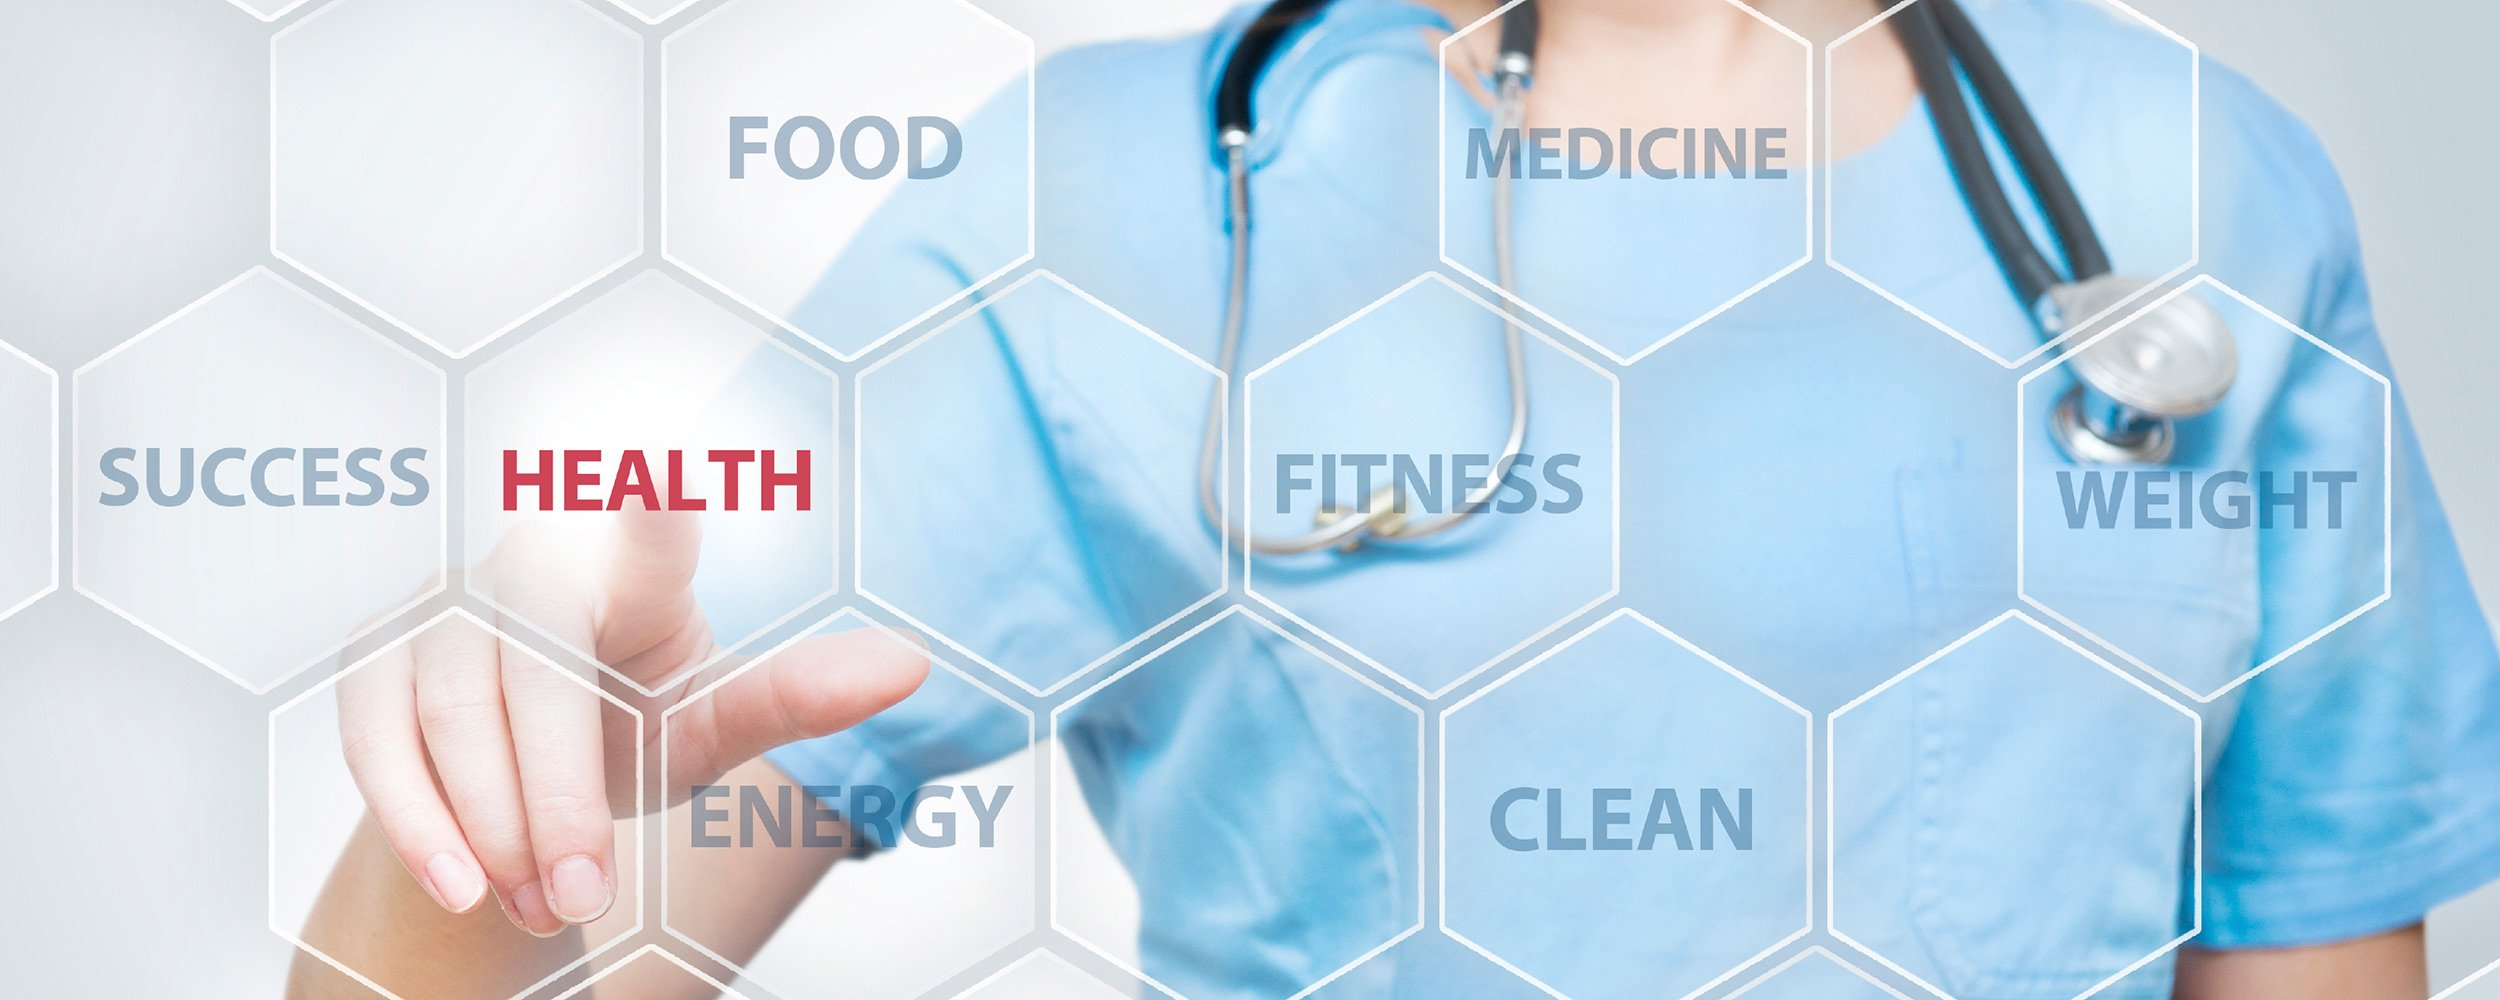 Eine Ernährung, bestehend aus weniger Kalorien Verbesserung der Zell-Leistung